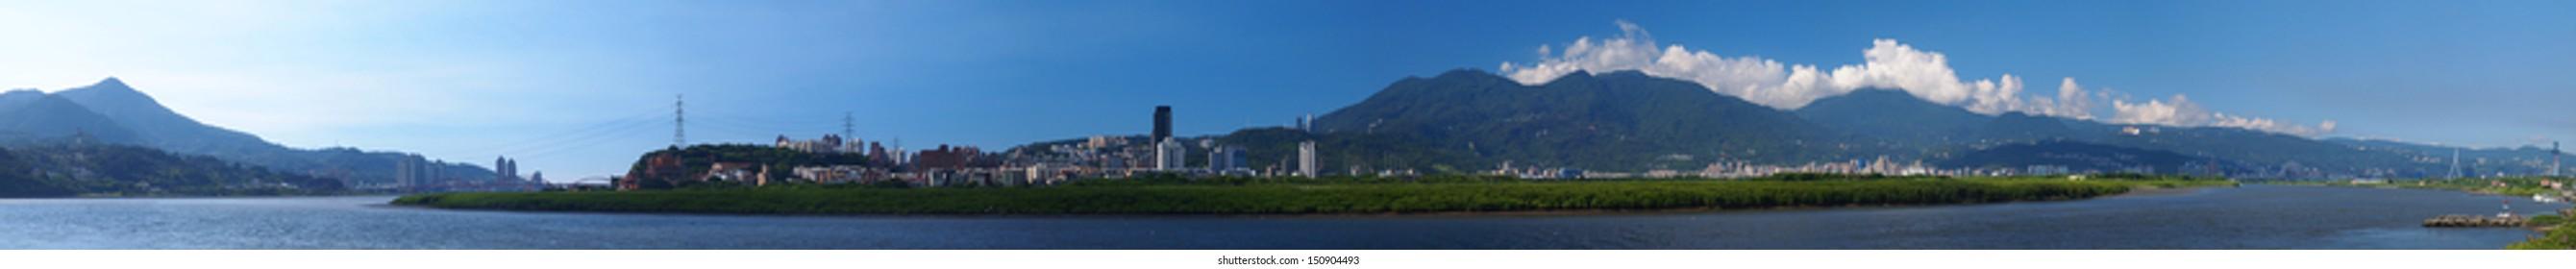 Panorama Picture of Taipei City